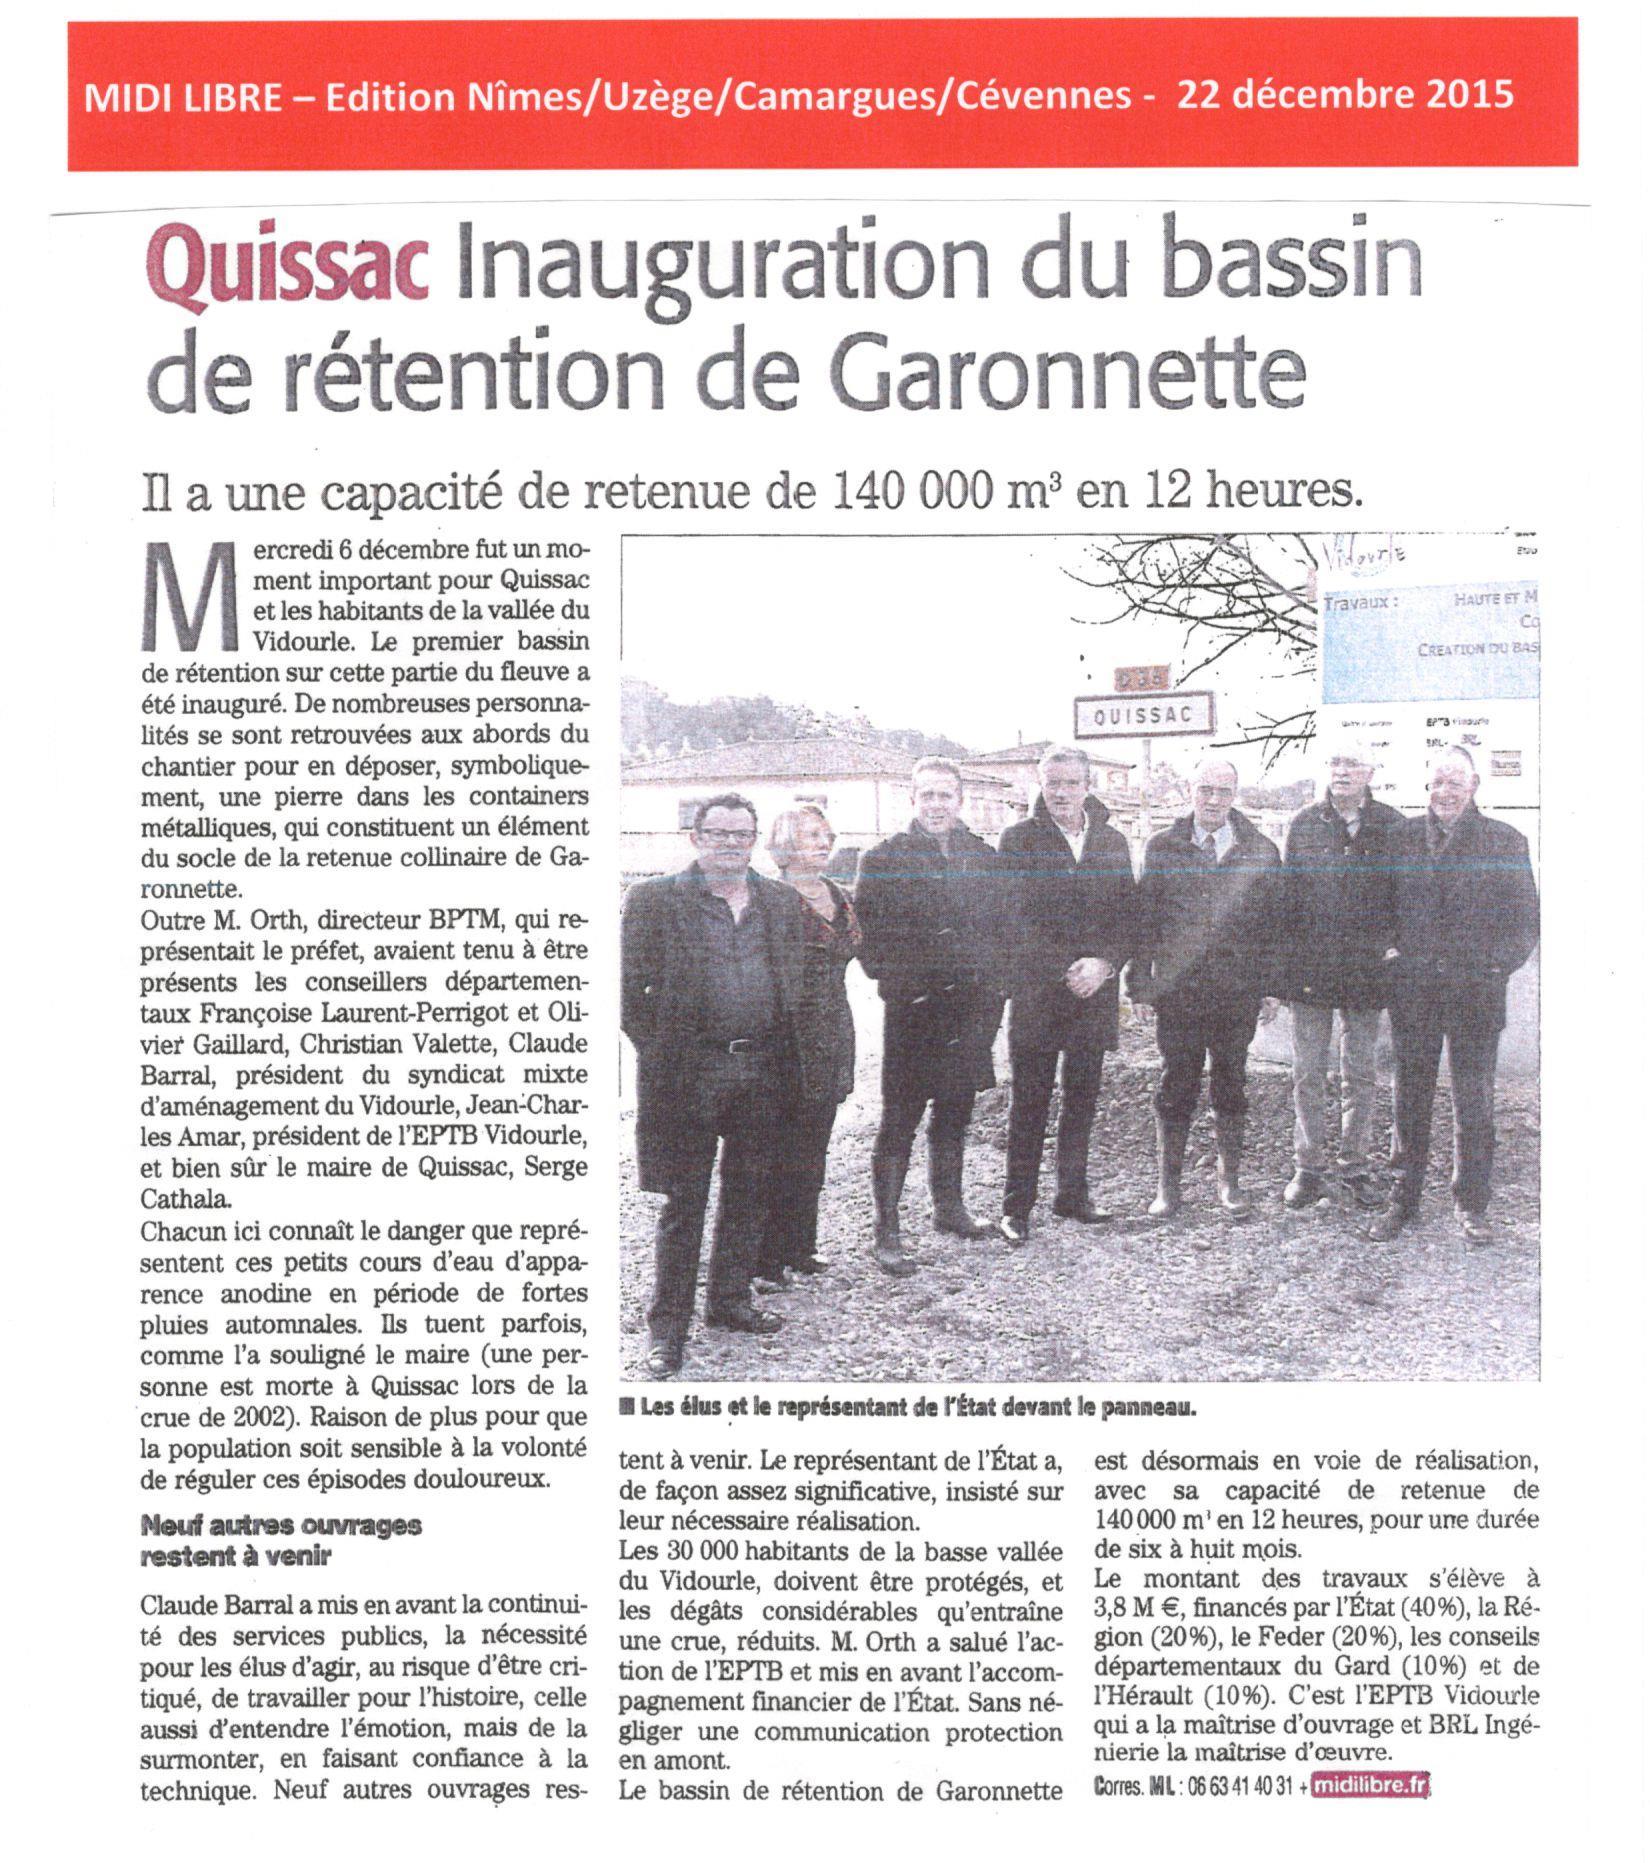 Inauguration du bassin de rétention de Garonnette, le premier sur cette partie du fleuve Vidourle à Quissac